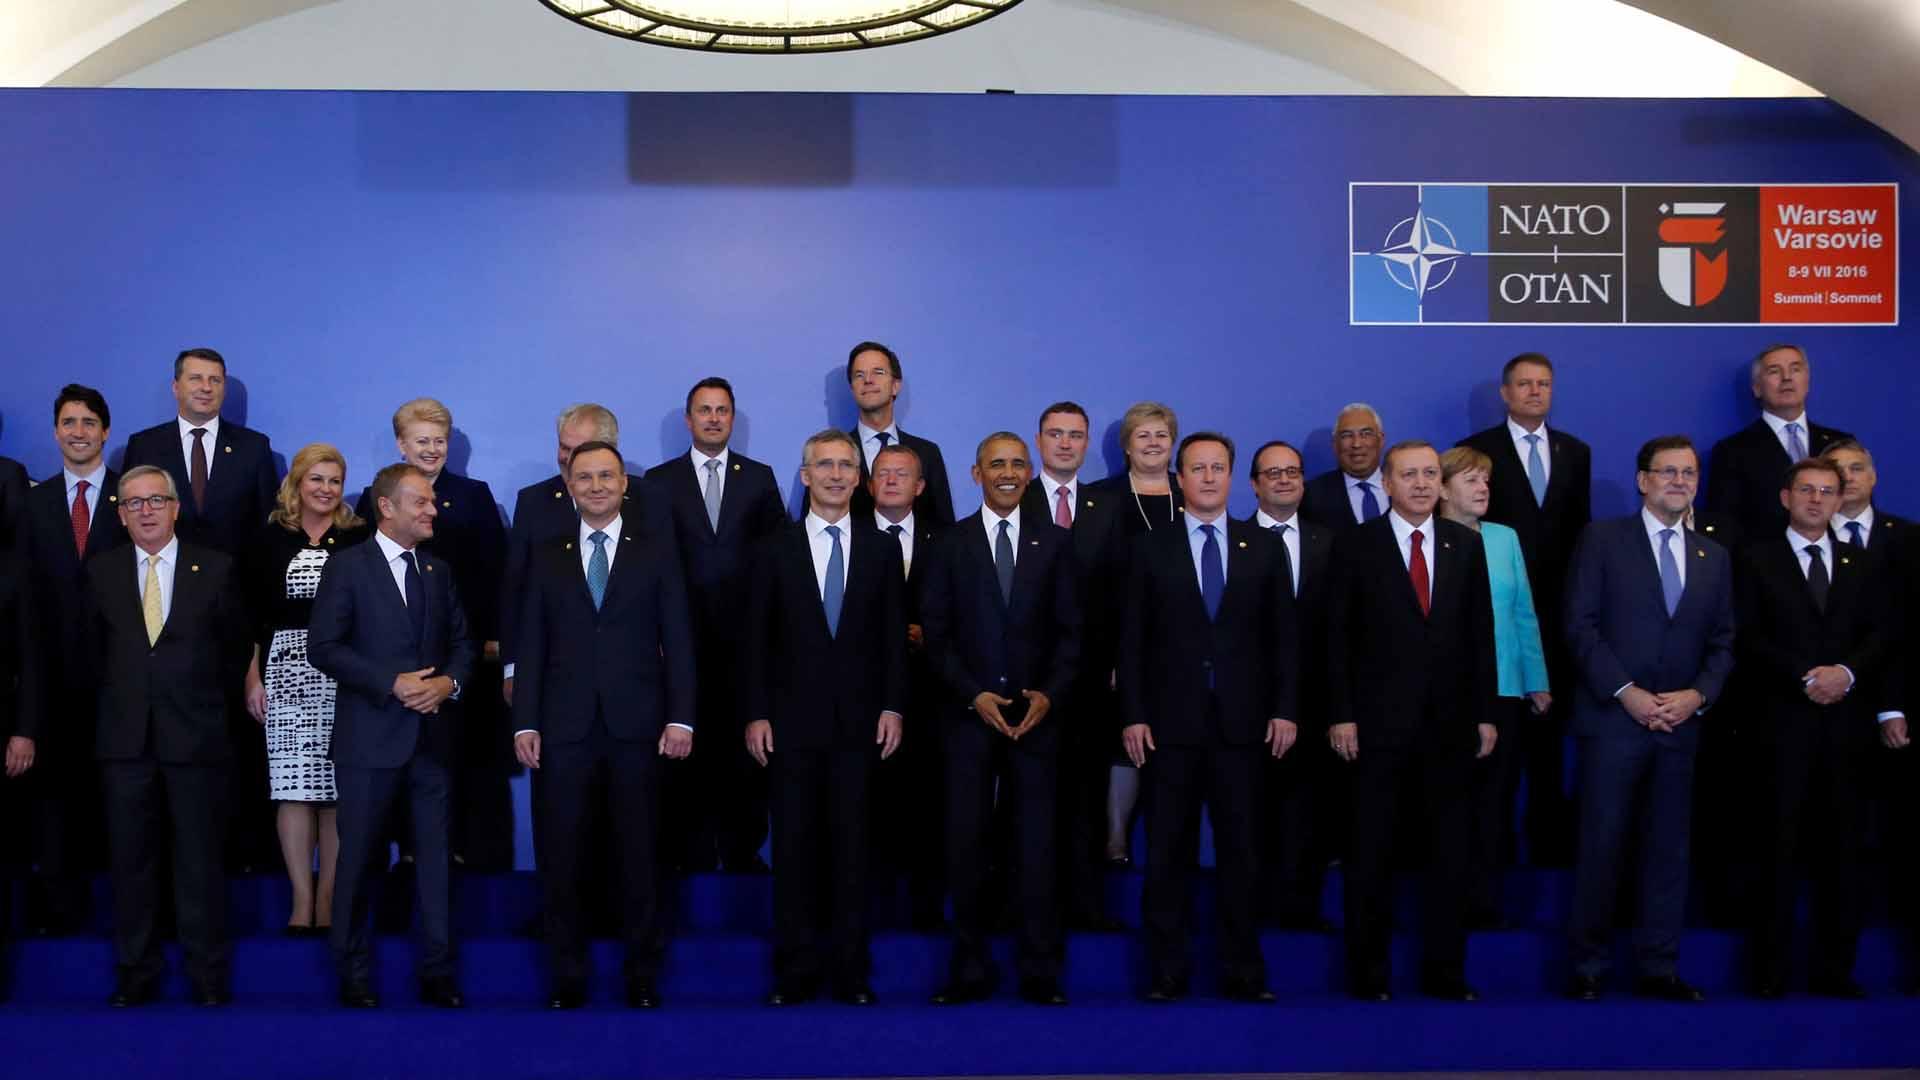 Rusia denuncia riesgos contra su seguridad, rechaza las decisiones y amenaza con contratacar al bloque